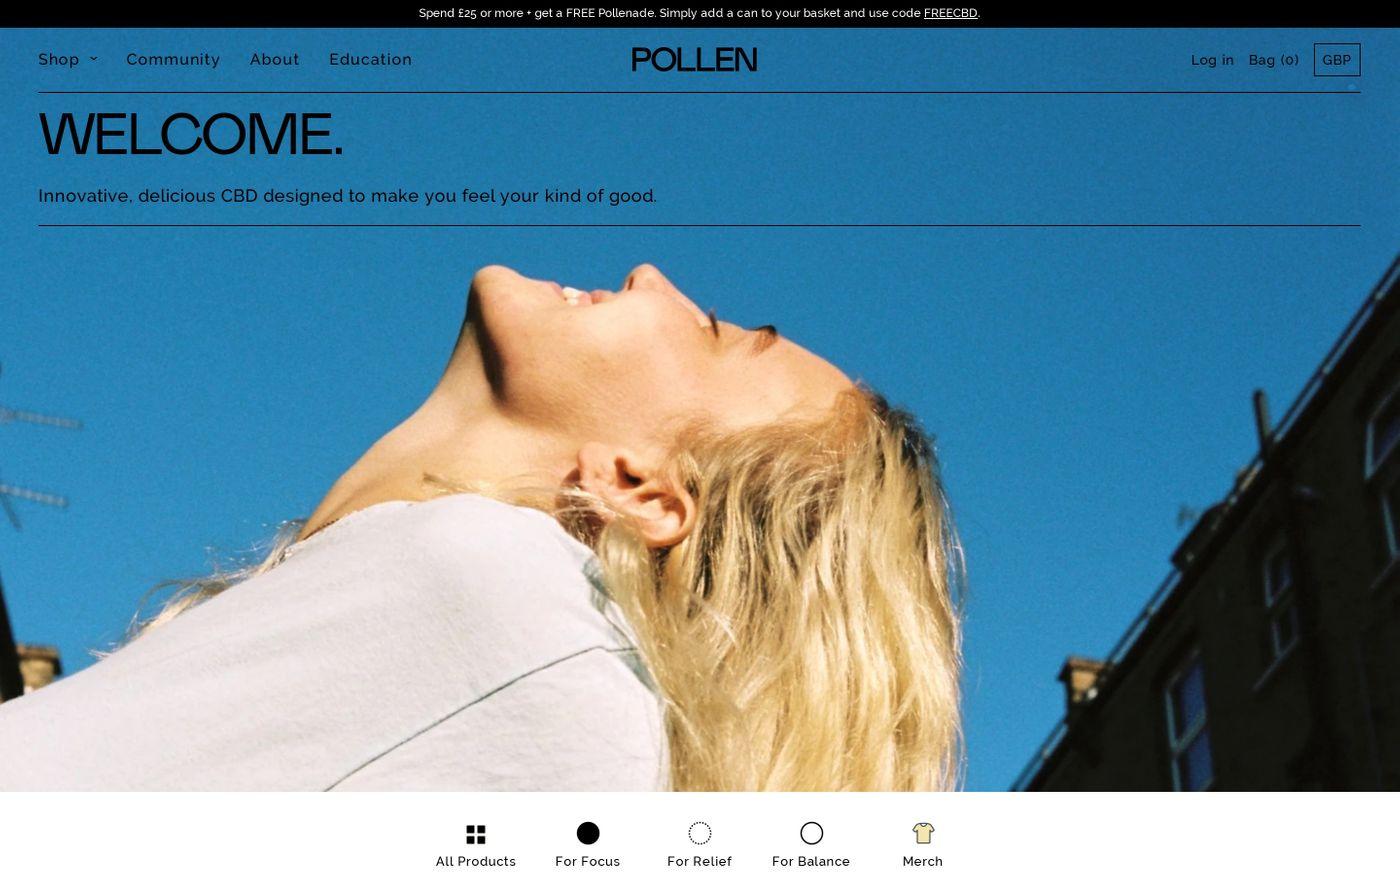 Screenshot of Pollen website